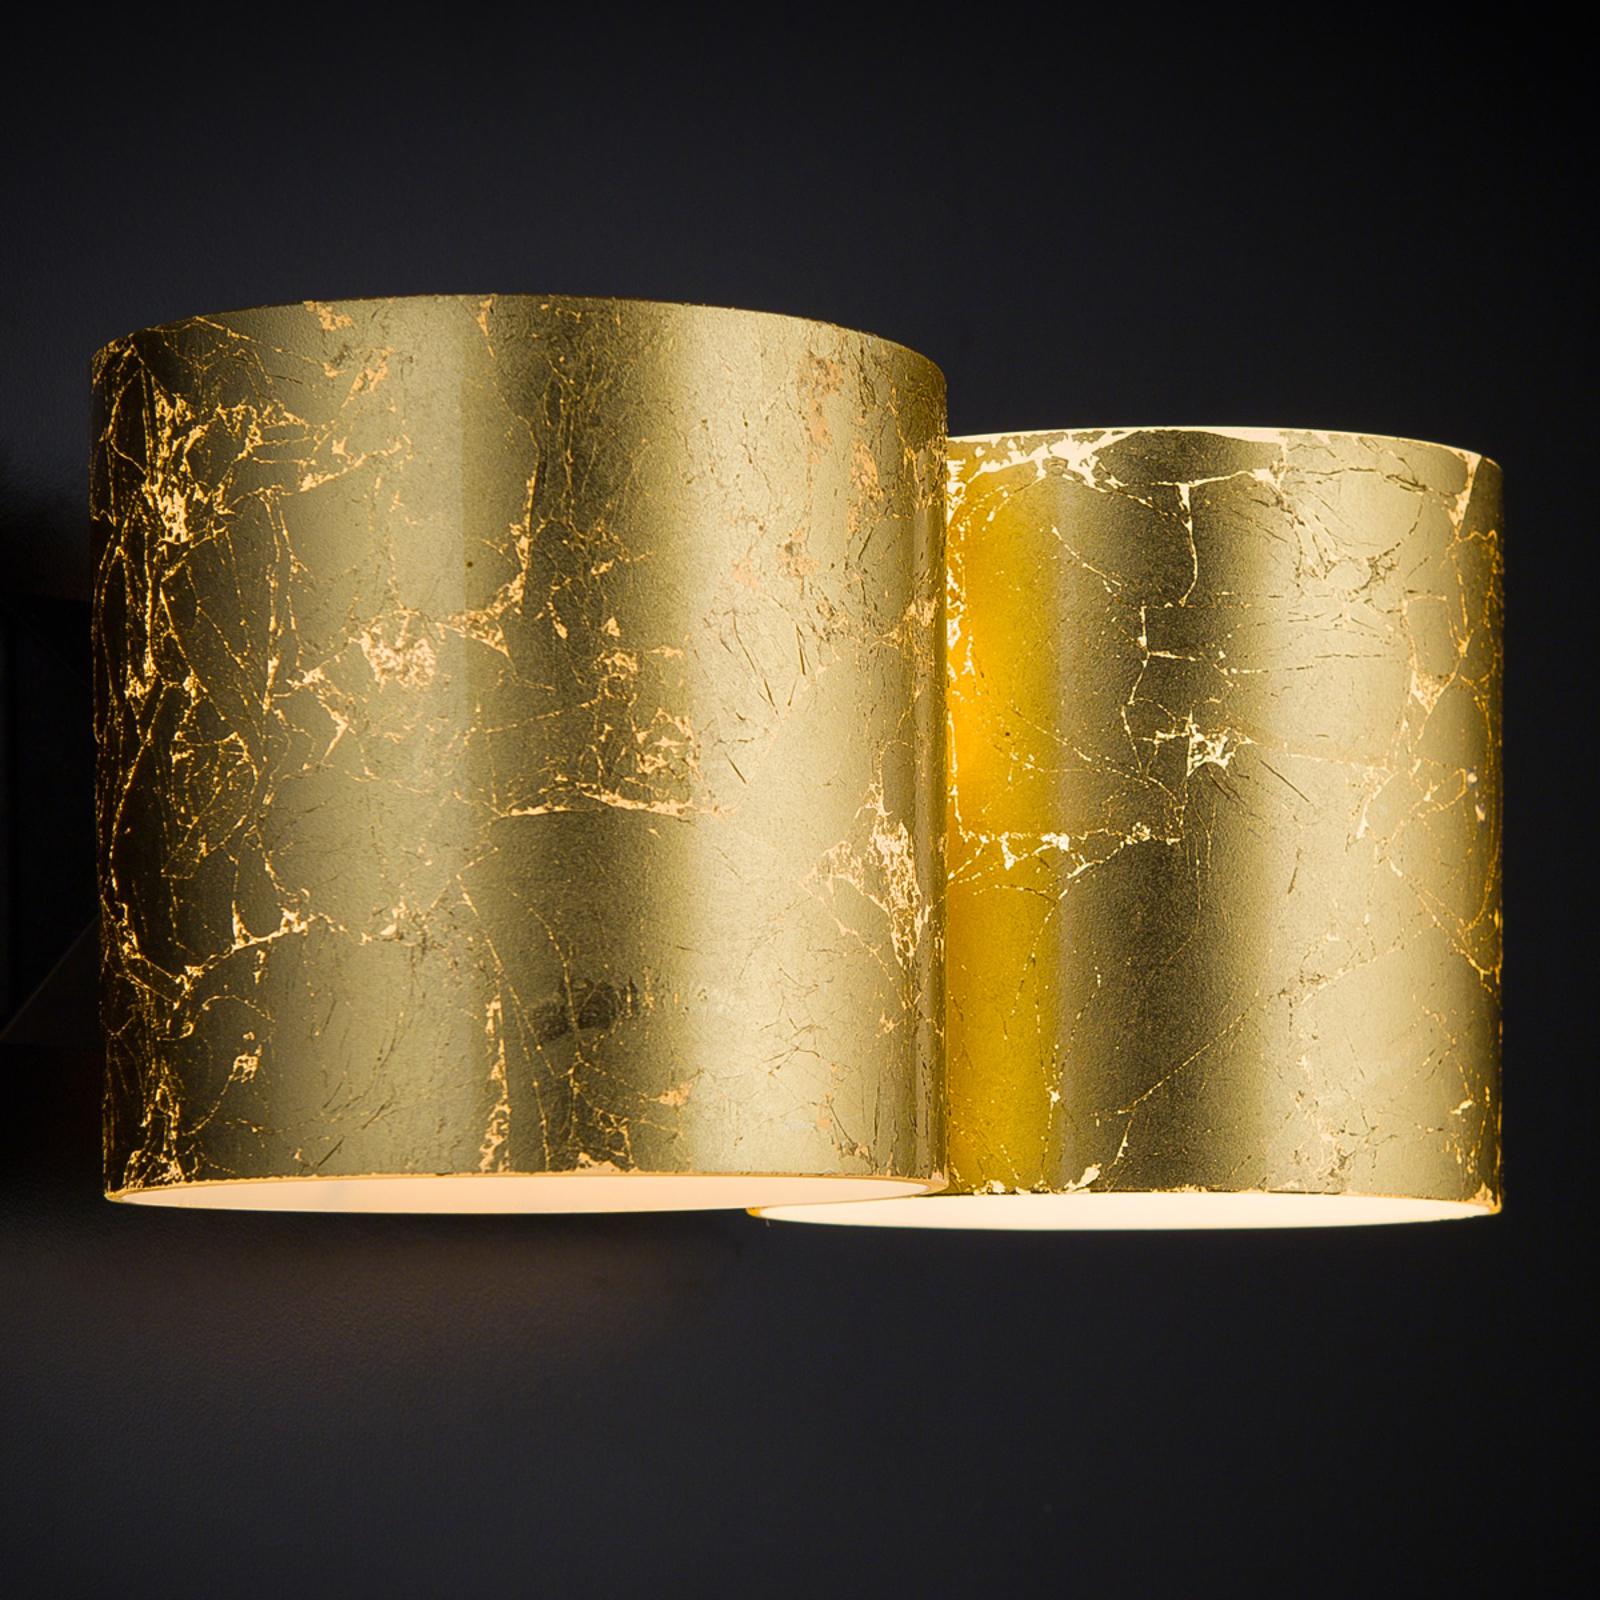 Wandlamp Brick met bladgoud, 2-lamps